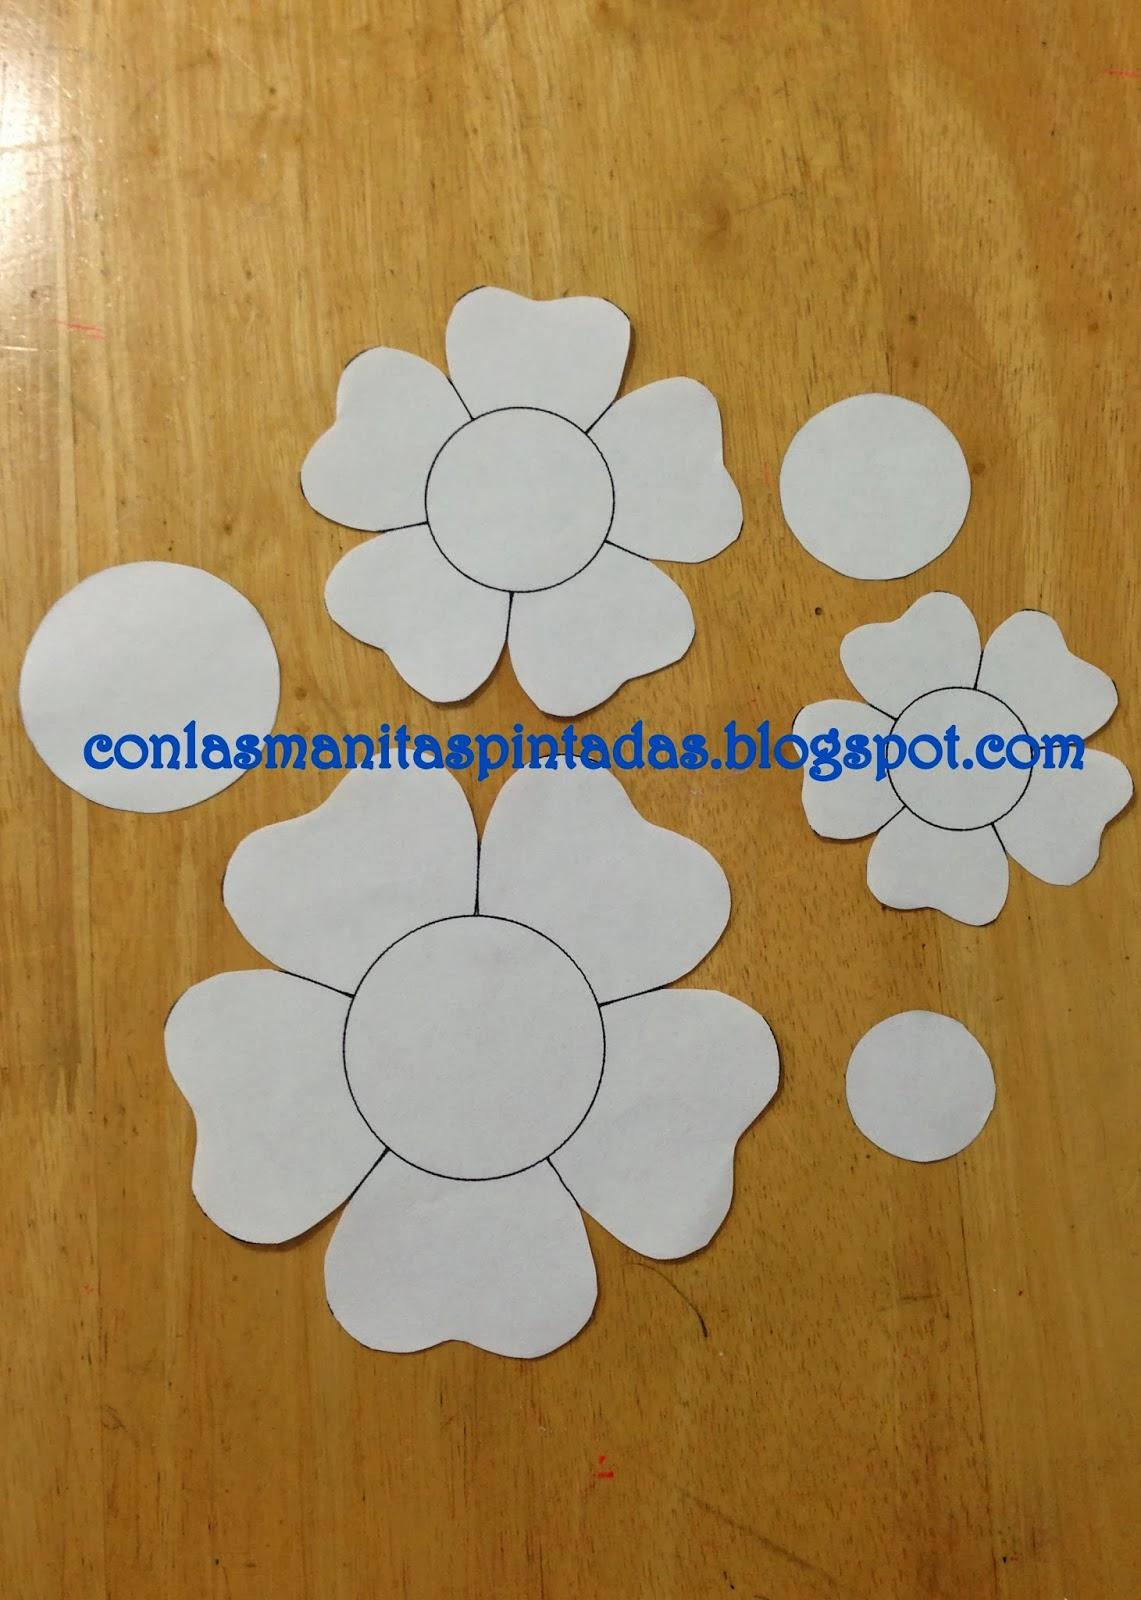 Con las manitas pintadas como hacer flores con goma eva foami - Plantillas pared ...